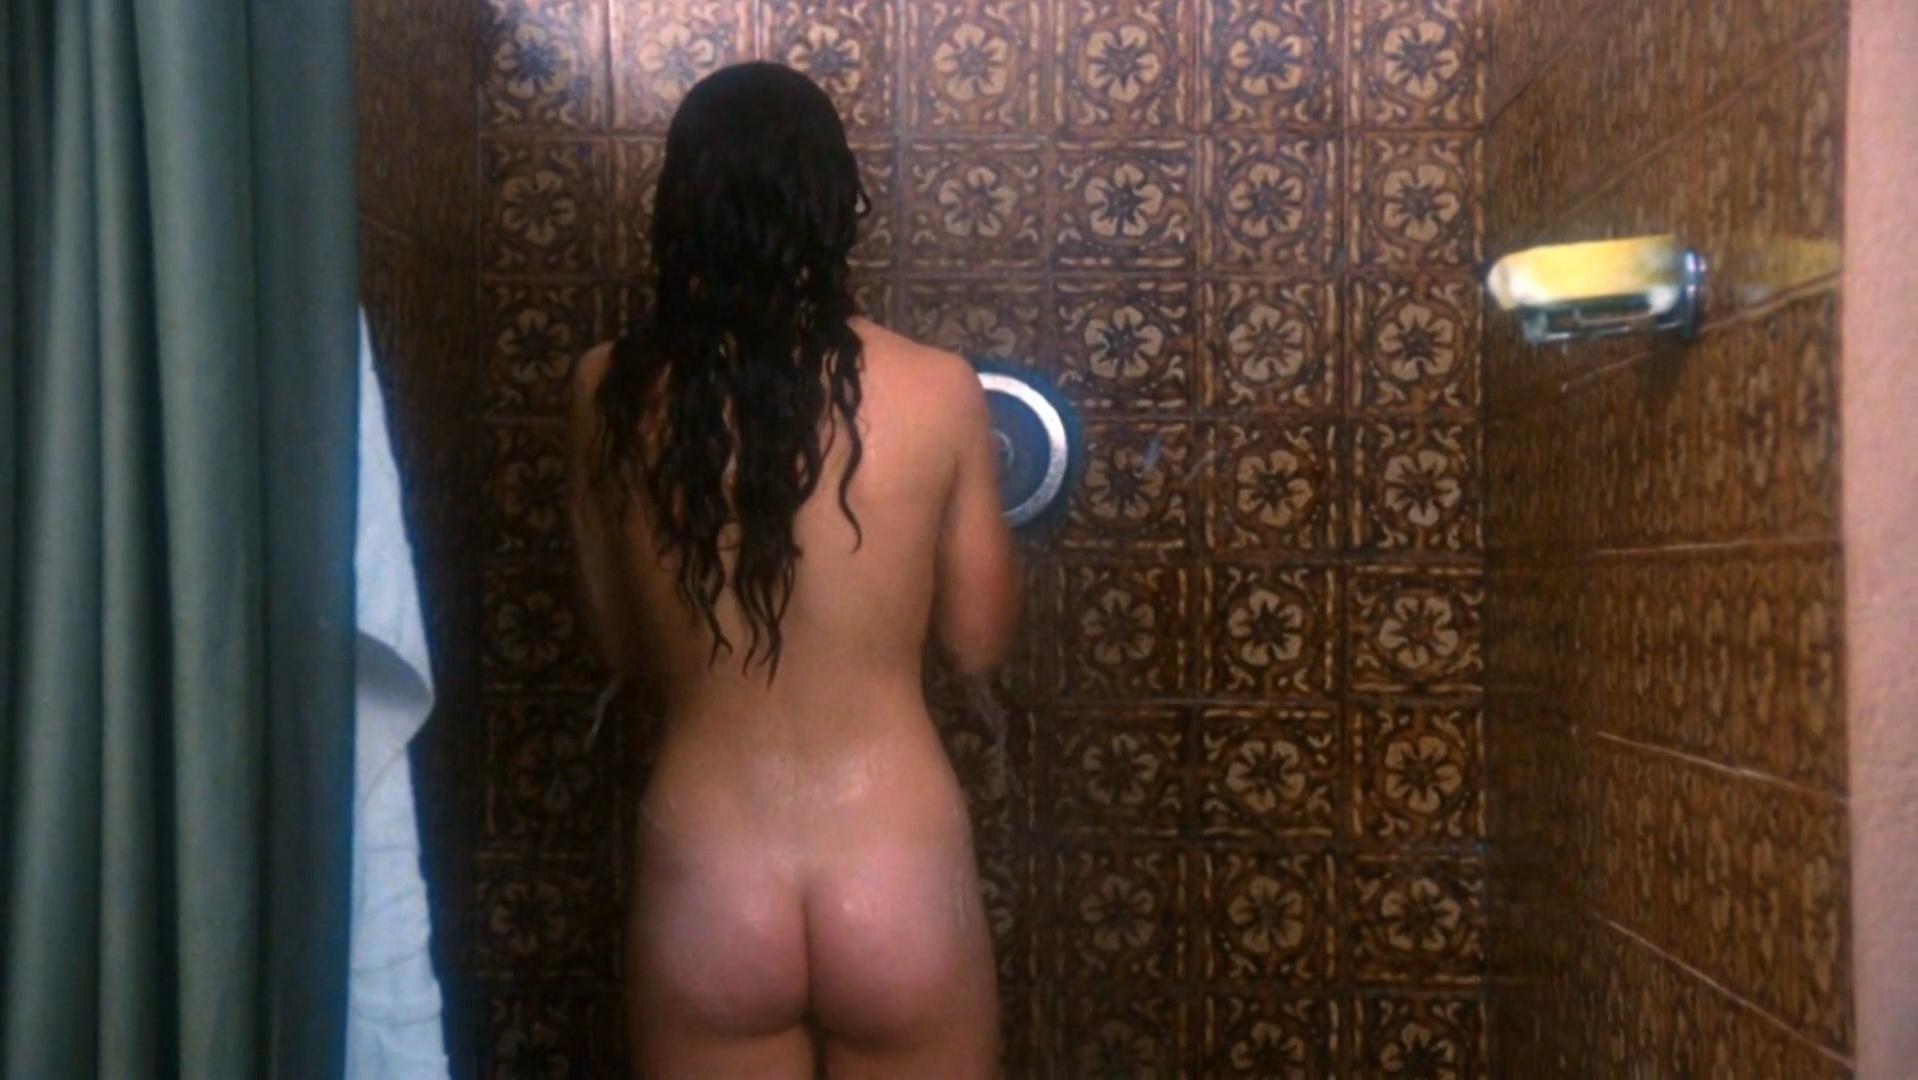 Leticia Marfil nude, Pilar Alcon nude, Roxana Nieto nude - Pieces (1982)